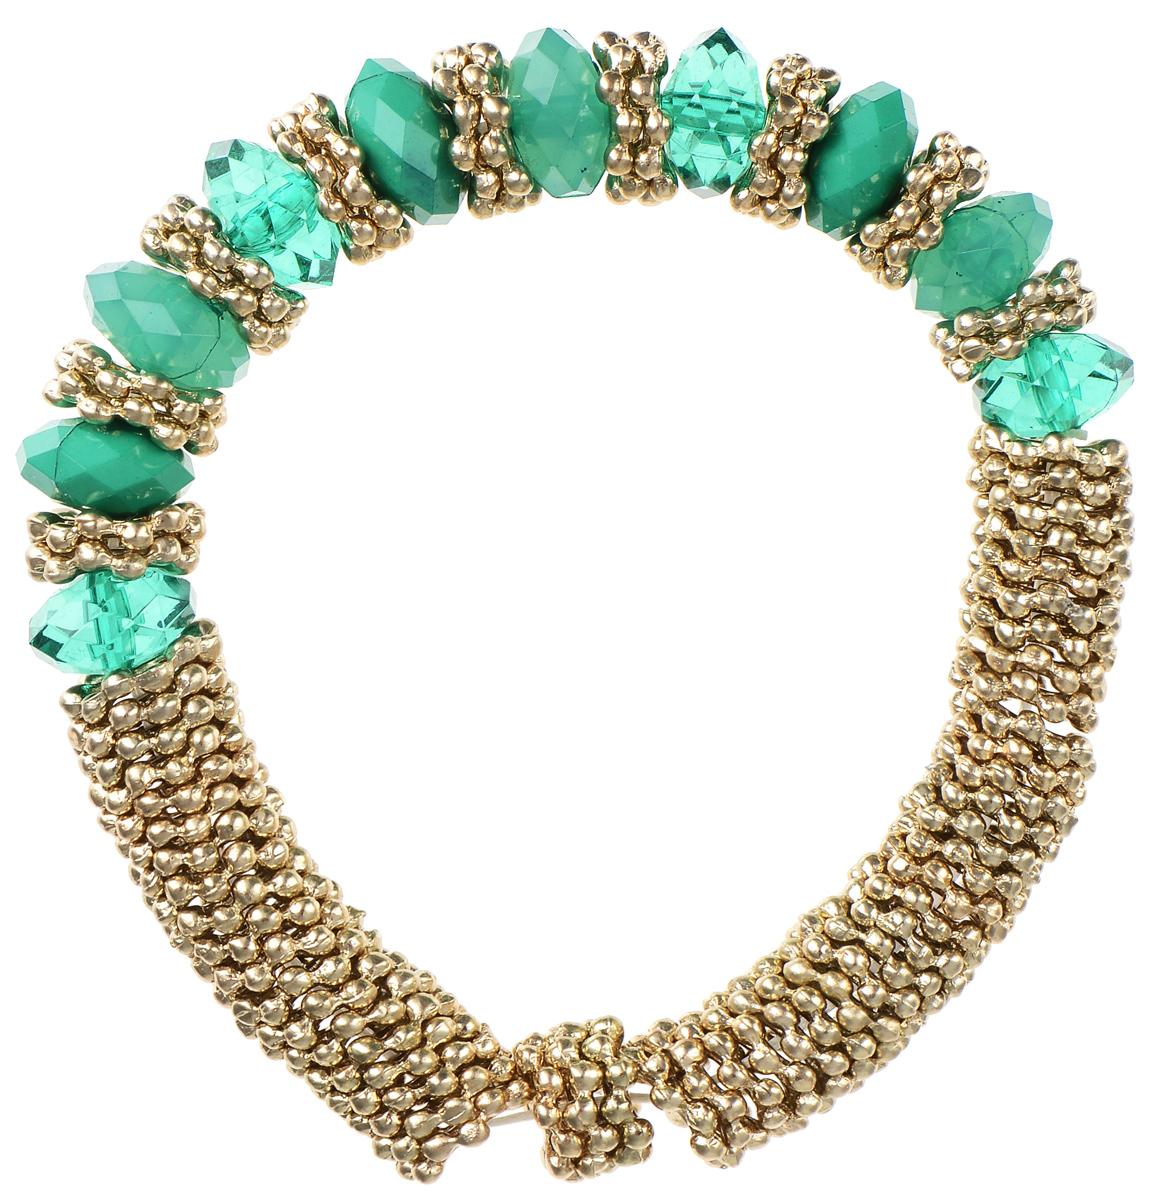 Браслет Taya, цвет: золотистый, зеленый. T-B-5542Глидерный браслетСтильный браслет Taya выполнен из бижутерийного сплава и пластика. Элементы в форме снежинок и граненые бусины собраны на эластичной резинке.Благодаря эластичной основе и подвижным элементам изделие идеально разместиться на запястье.Такой браслет позволит вам с легкостью воплотить самую смелую фантазию и создать собственный, неповторимый образ.